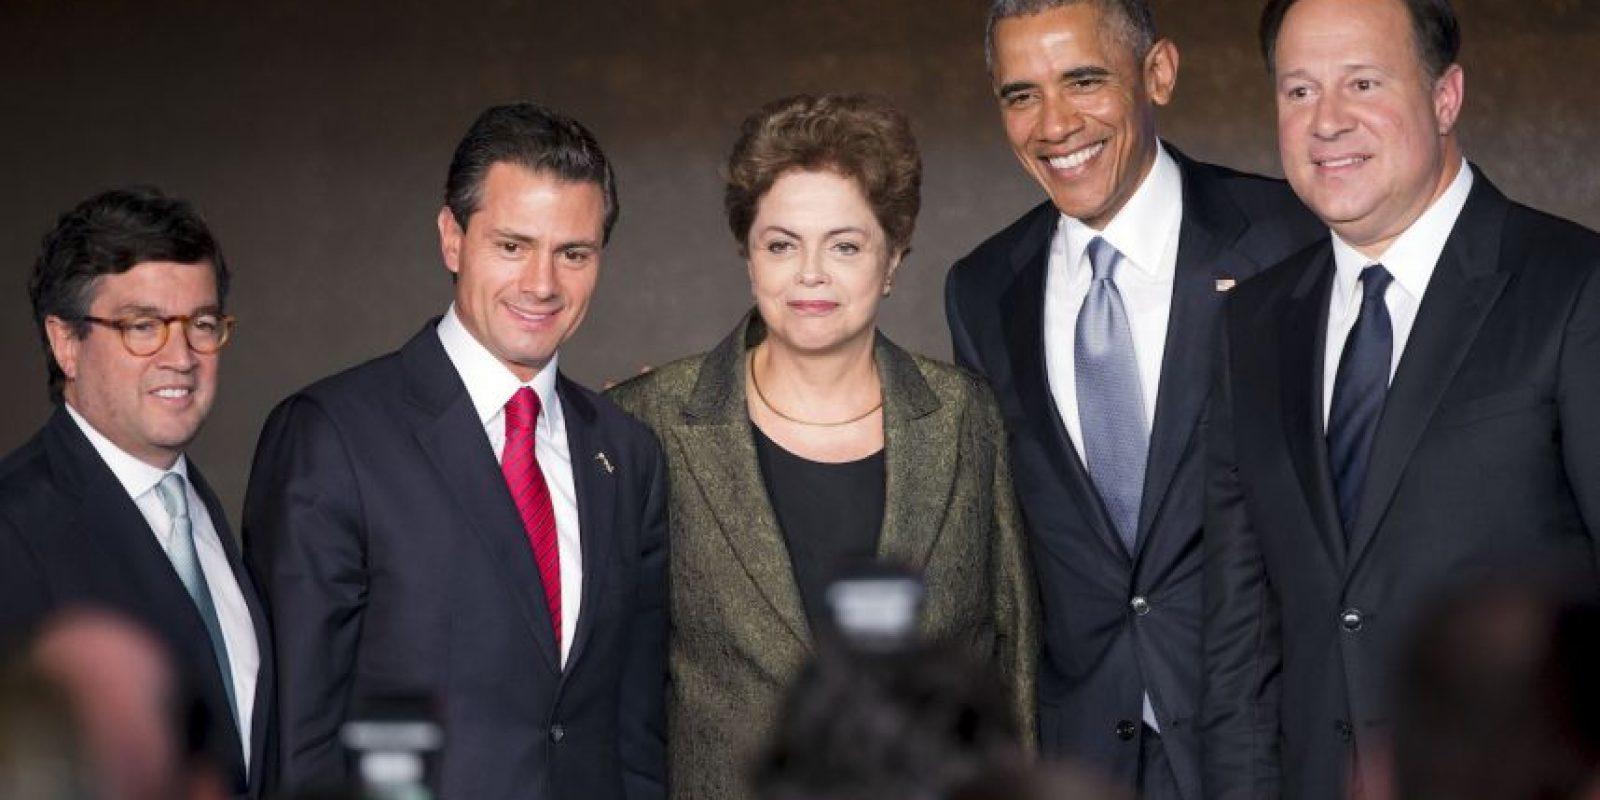 Aunque aún no se ha anunciado una fecha exacta, se espera que ambos países terminen conversaciones para abrir las embajadas próximamente. Foto:AP